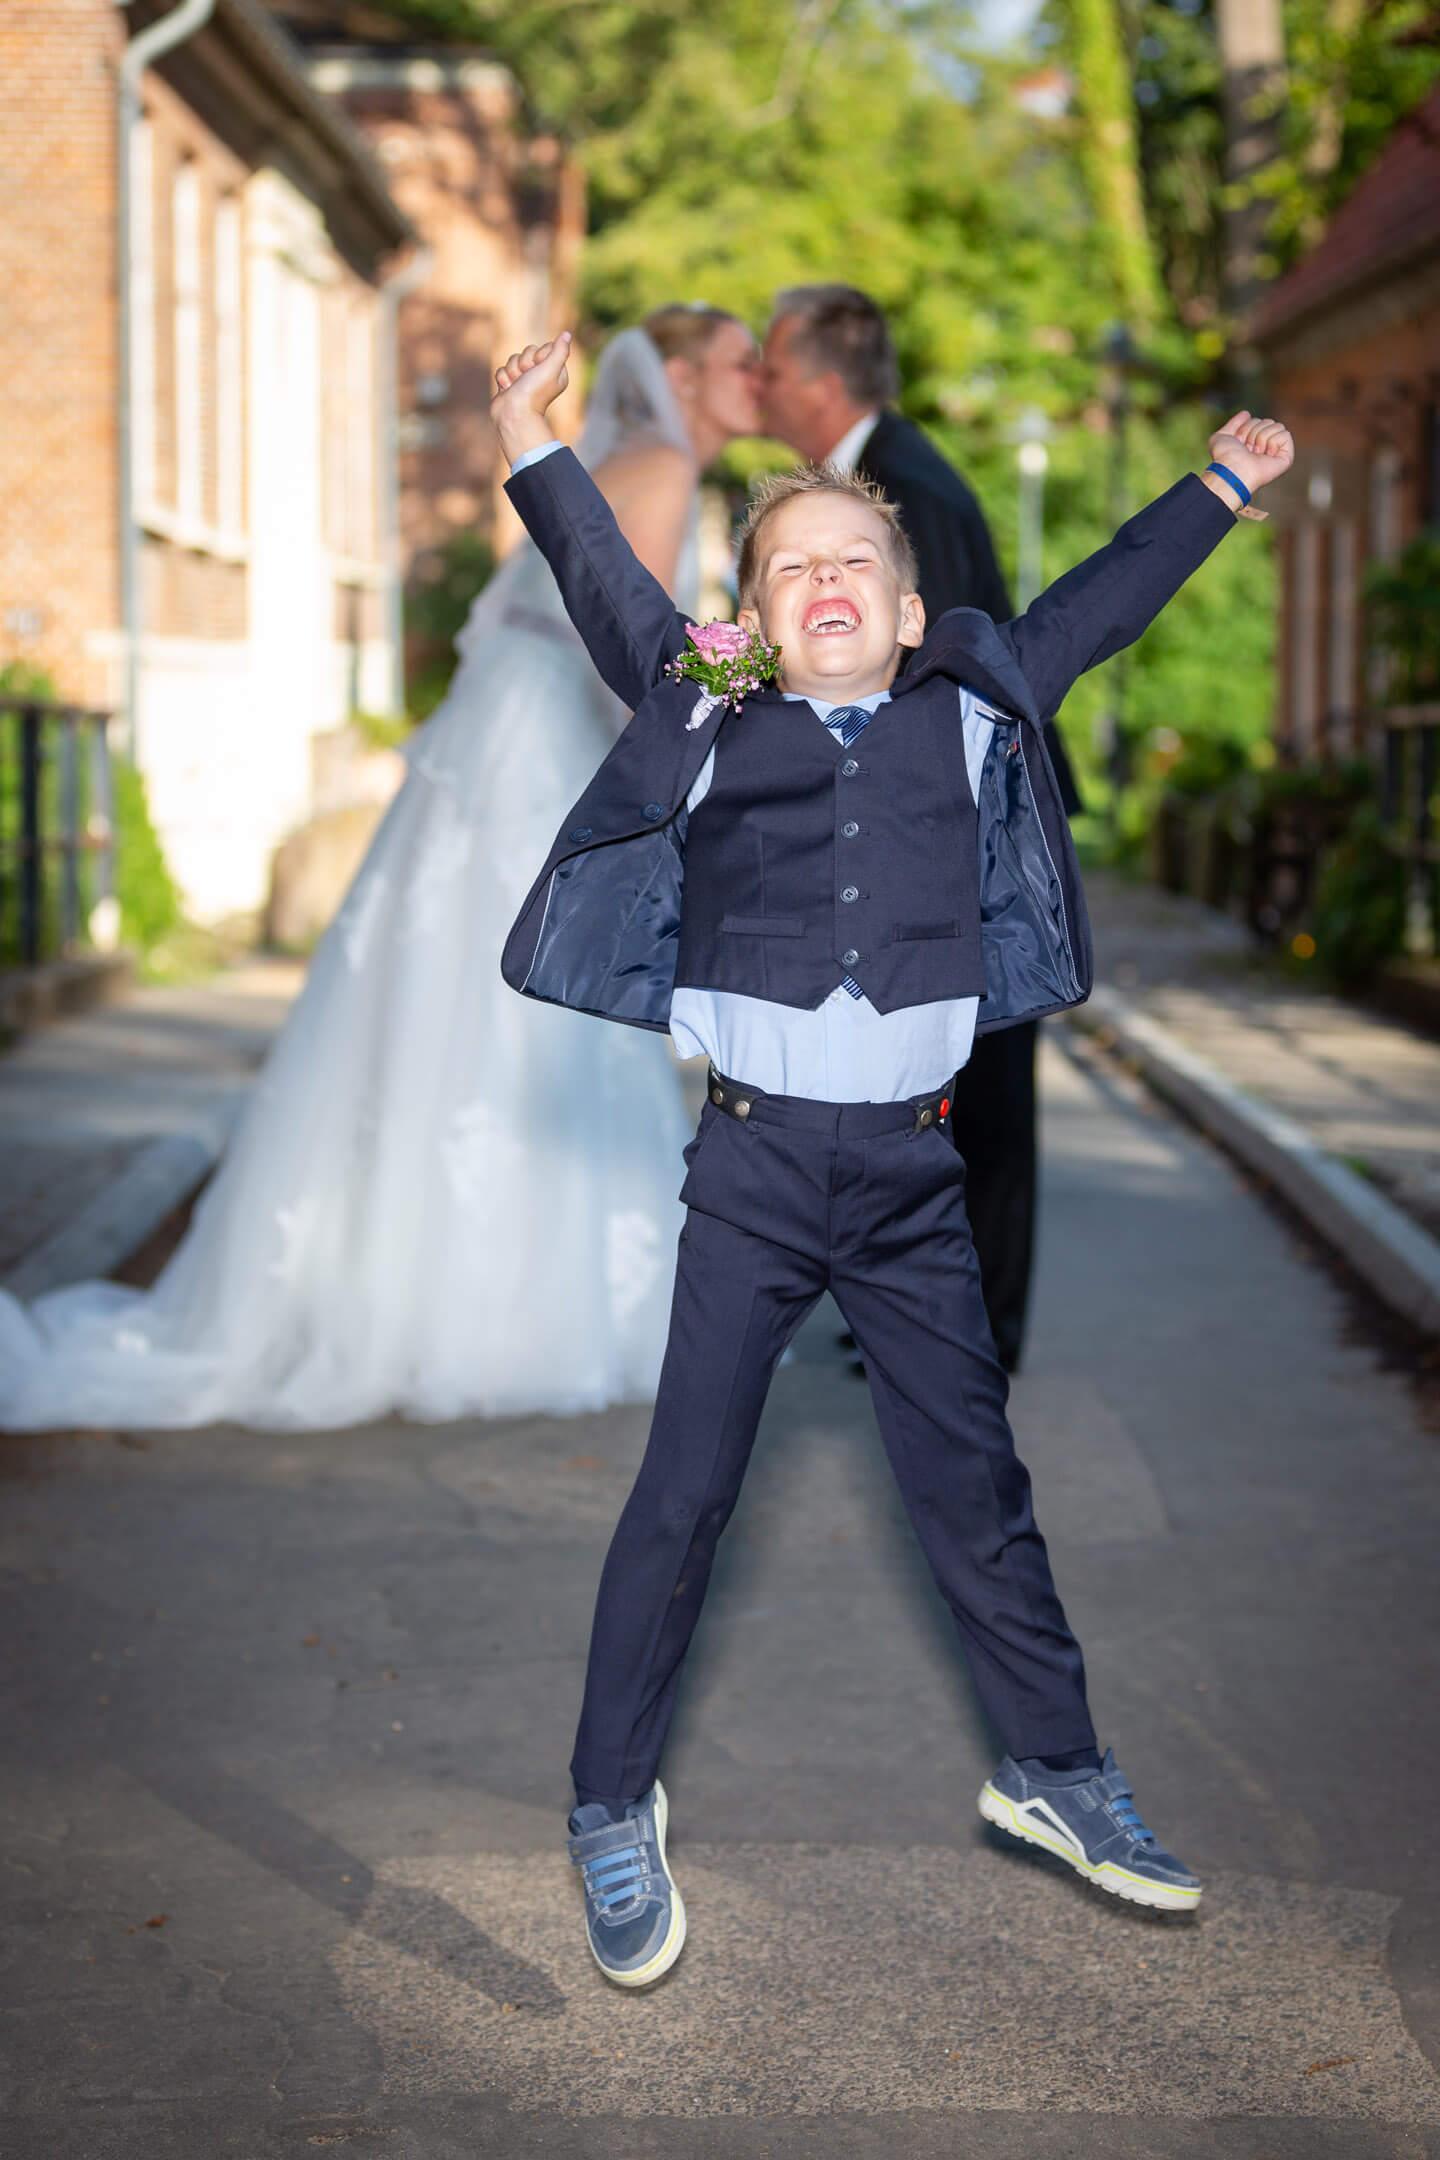 Kind springt vor Freude in die Luft, im Hintergrund küssen sich die frischverheirateten Eltern